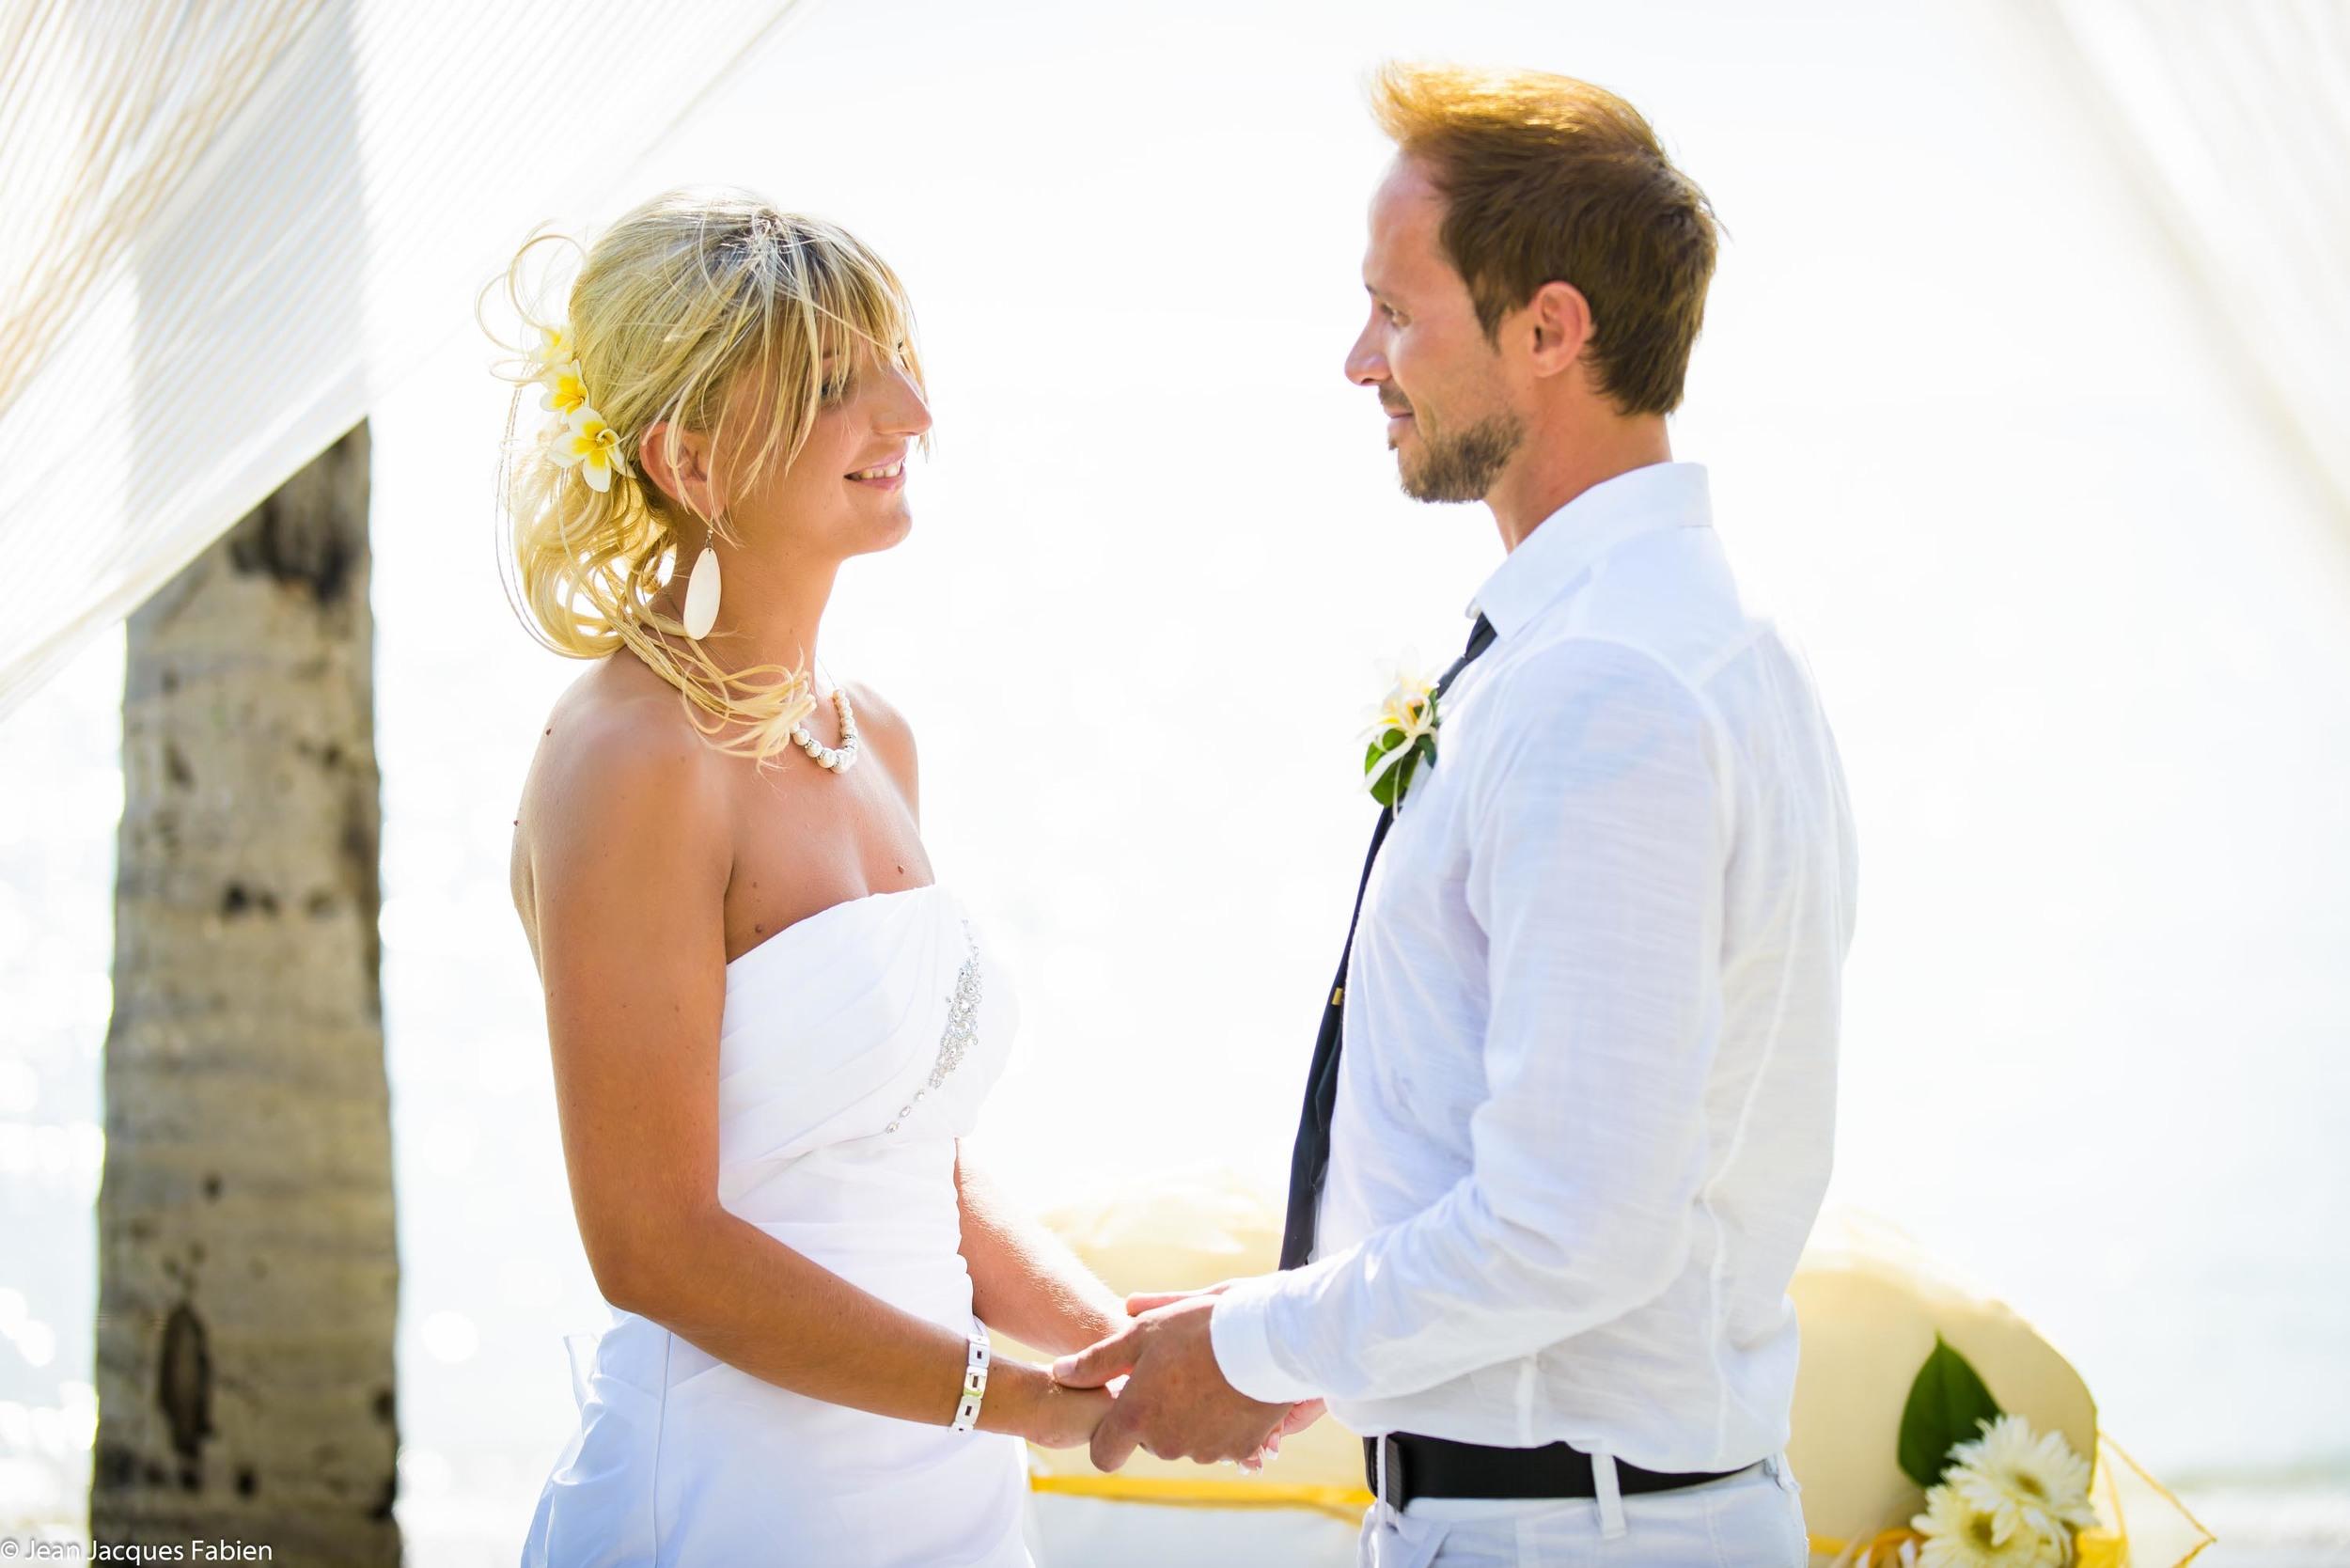 Wedding Sofitel 09-11-2012 (60 of 193).jpg